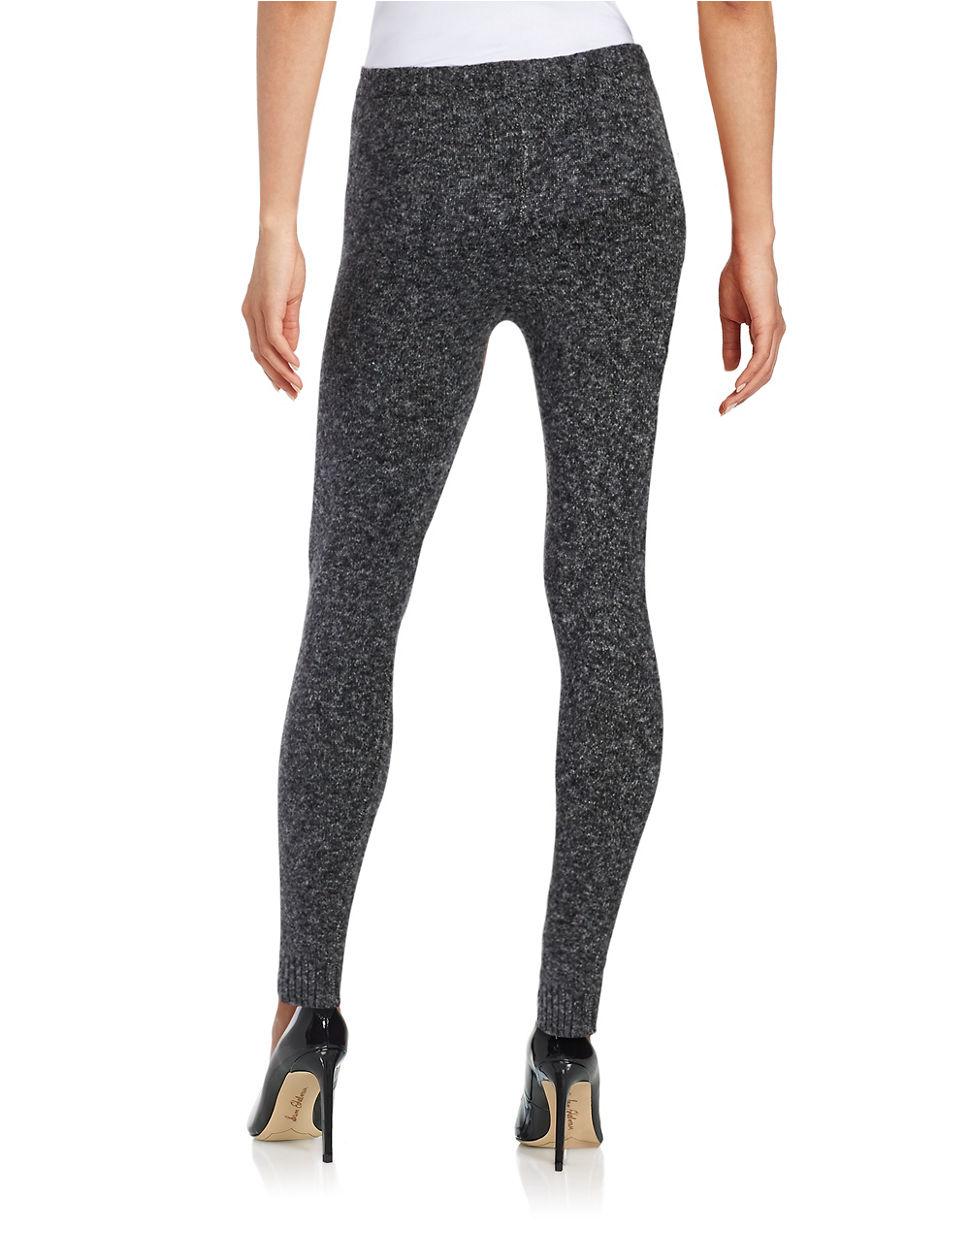 Hue Tweed Sweater Leggings in Black | Lyst